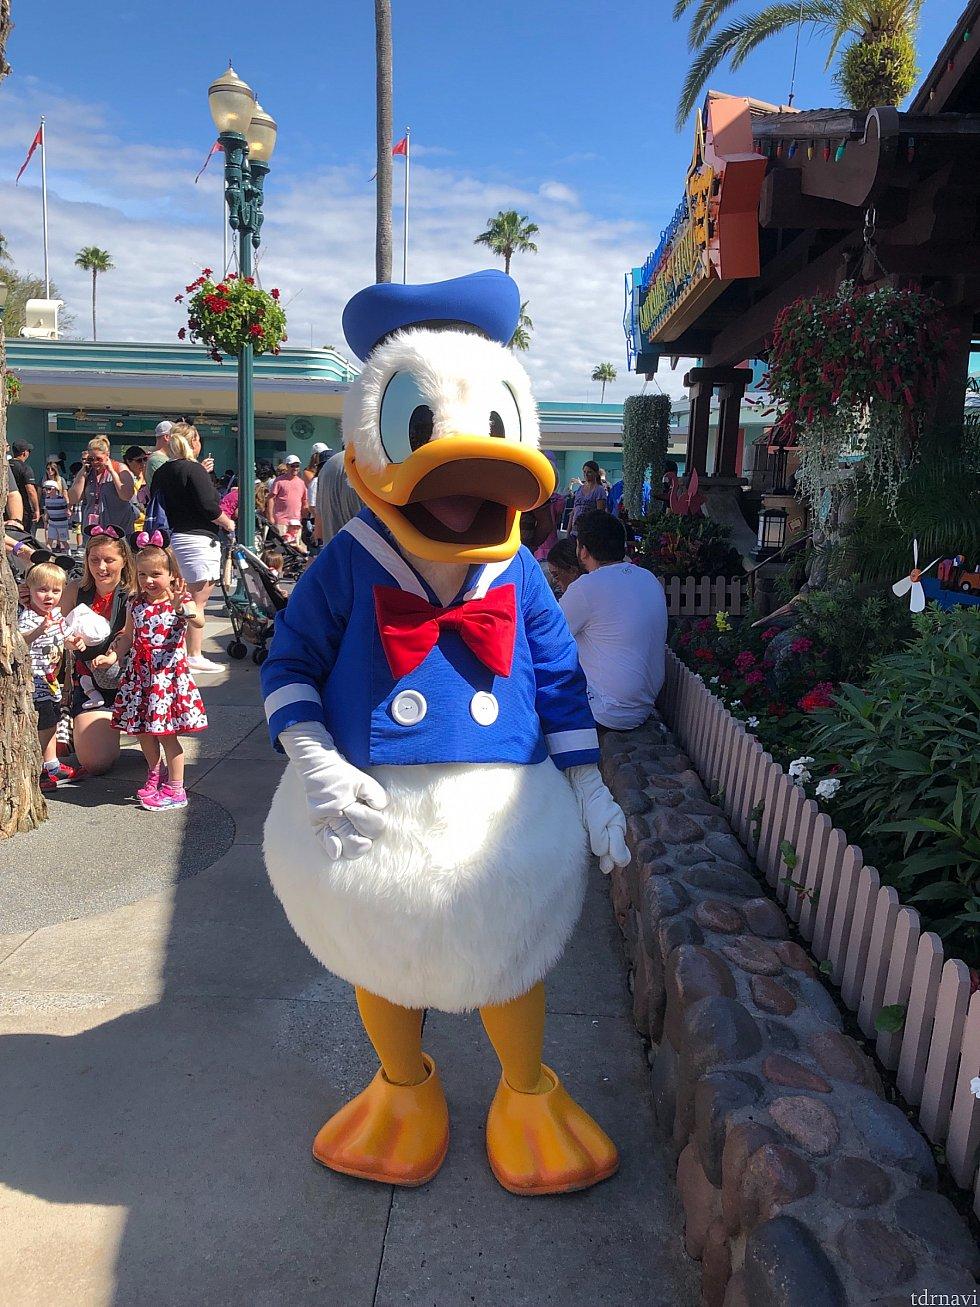 Donald Duck ドナルドにハグすると何かいいことが起こるかもしれない?行ってからのお楽しみに(*^^*)